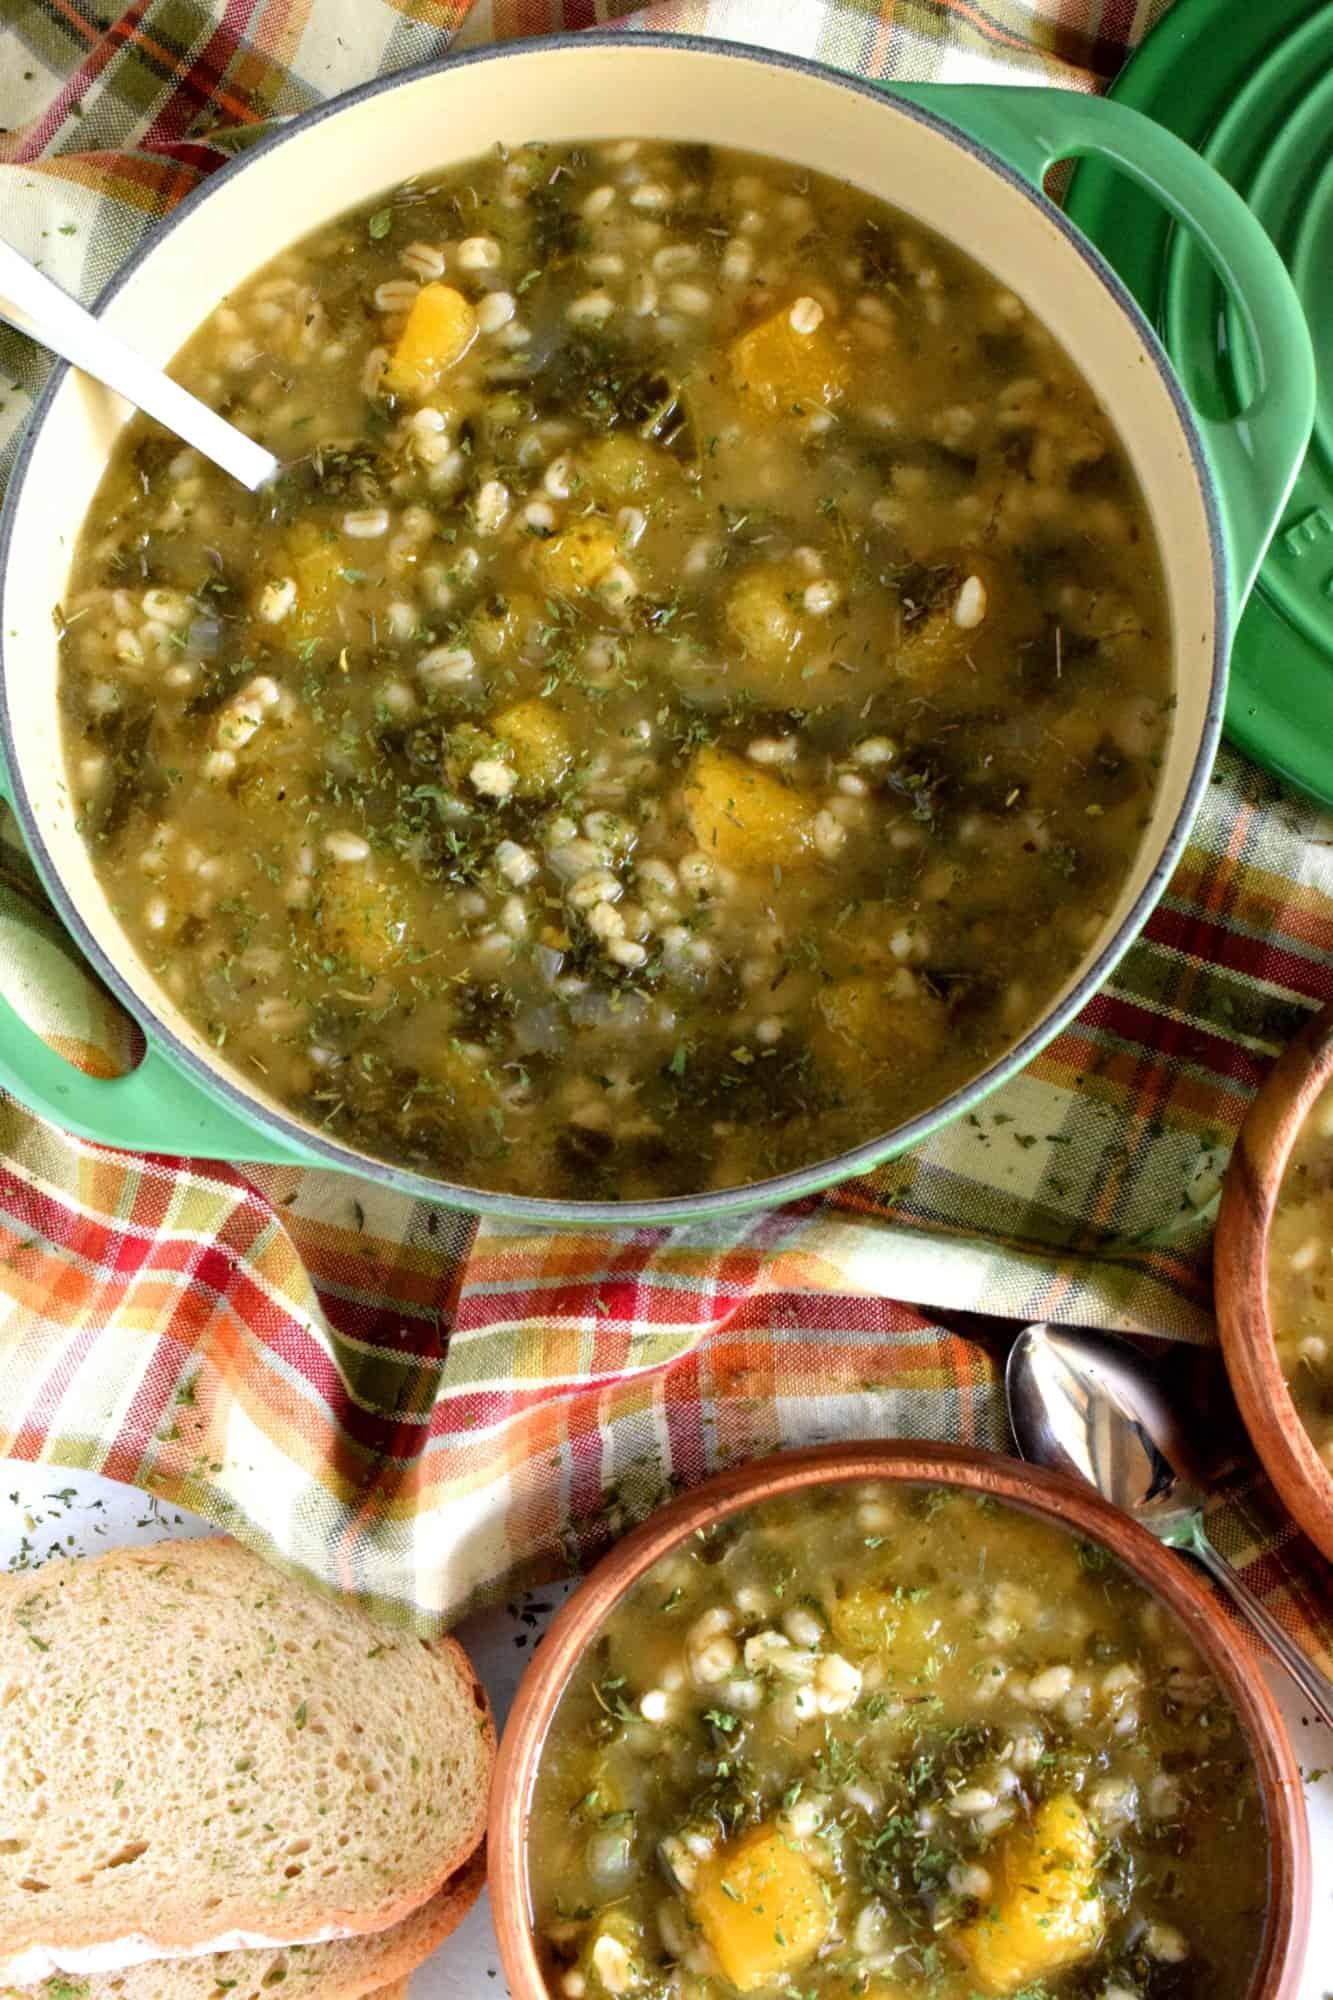 Squash And Kale Barley Soup